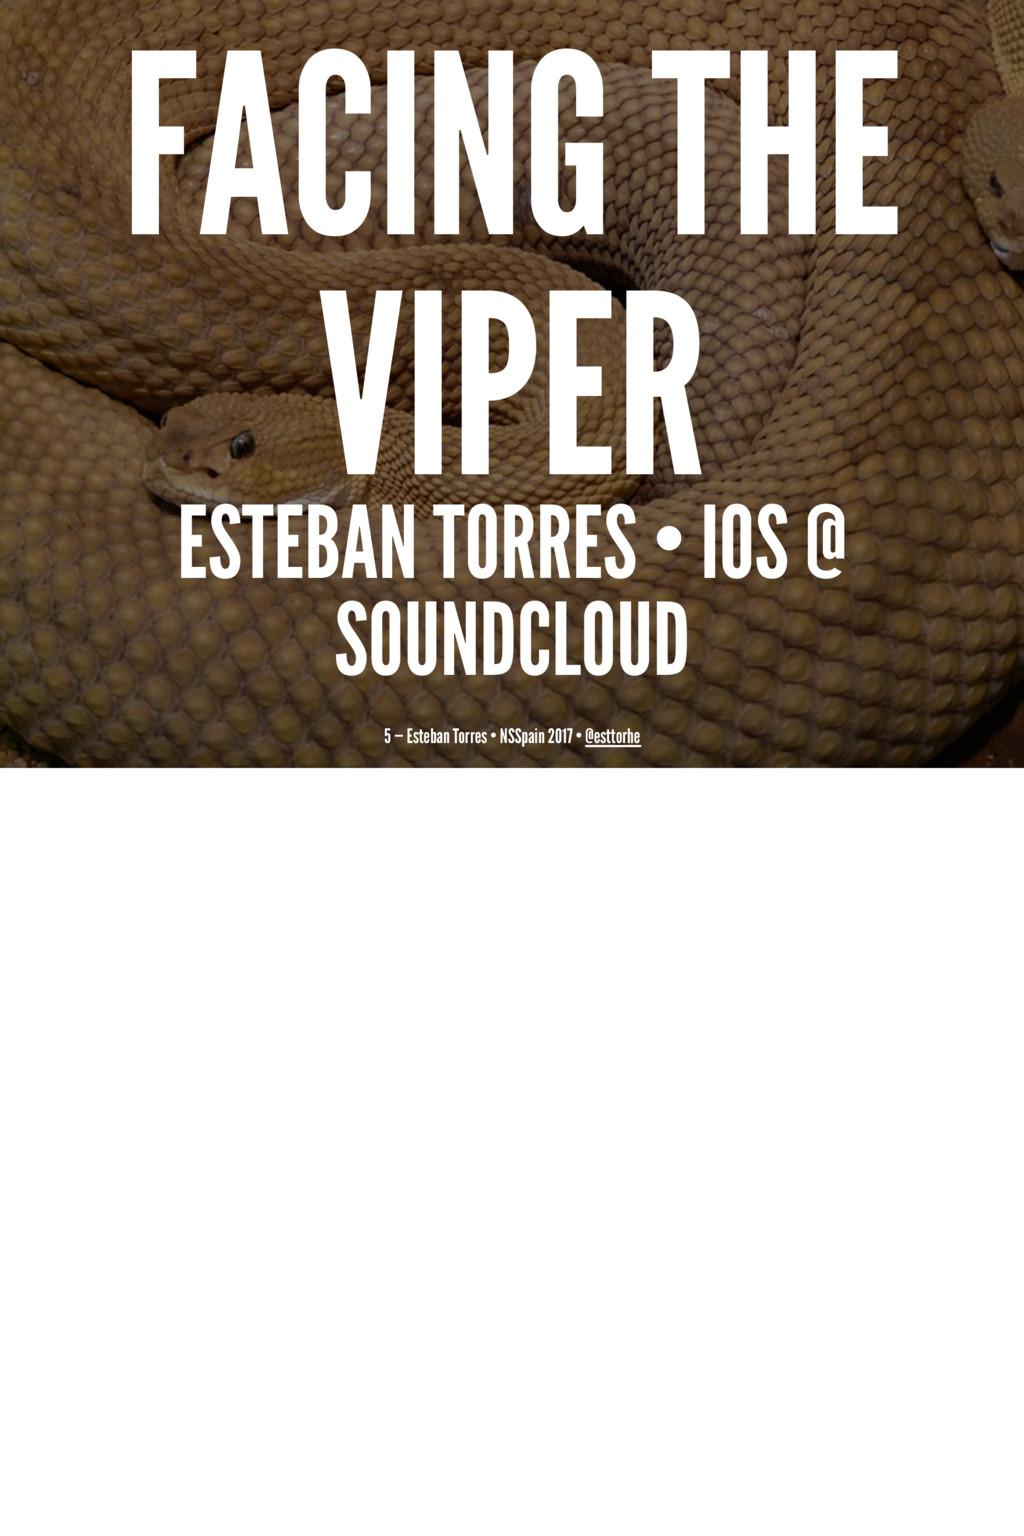 FACING THE VIPER ESTEBAN TORRES • IOS @ SOUNDCL...